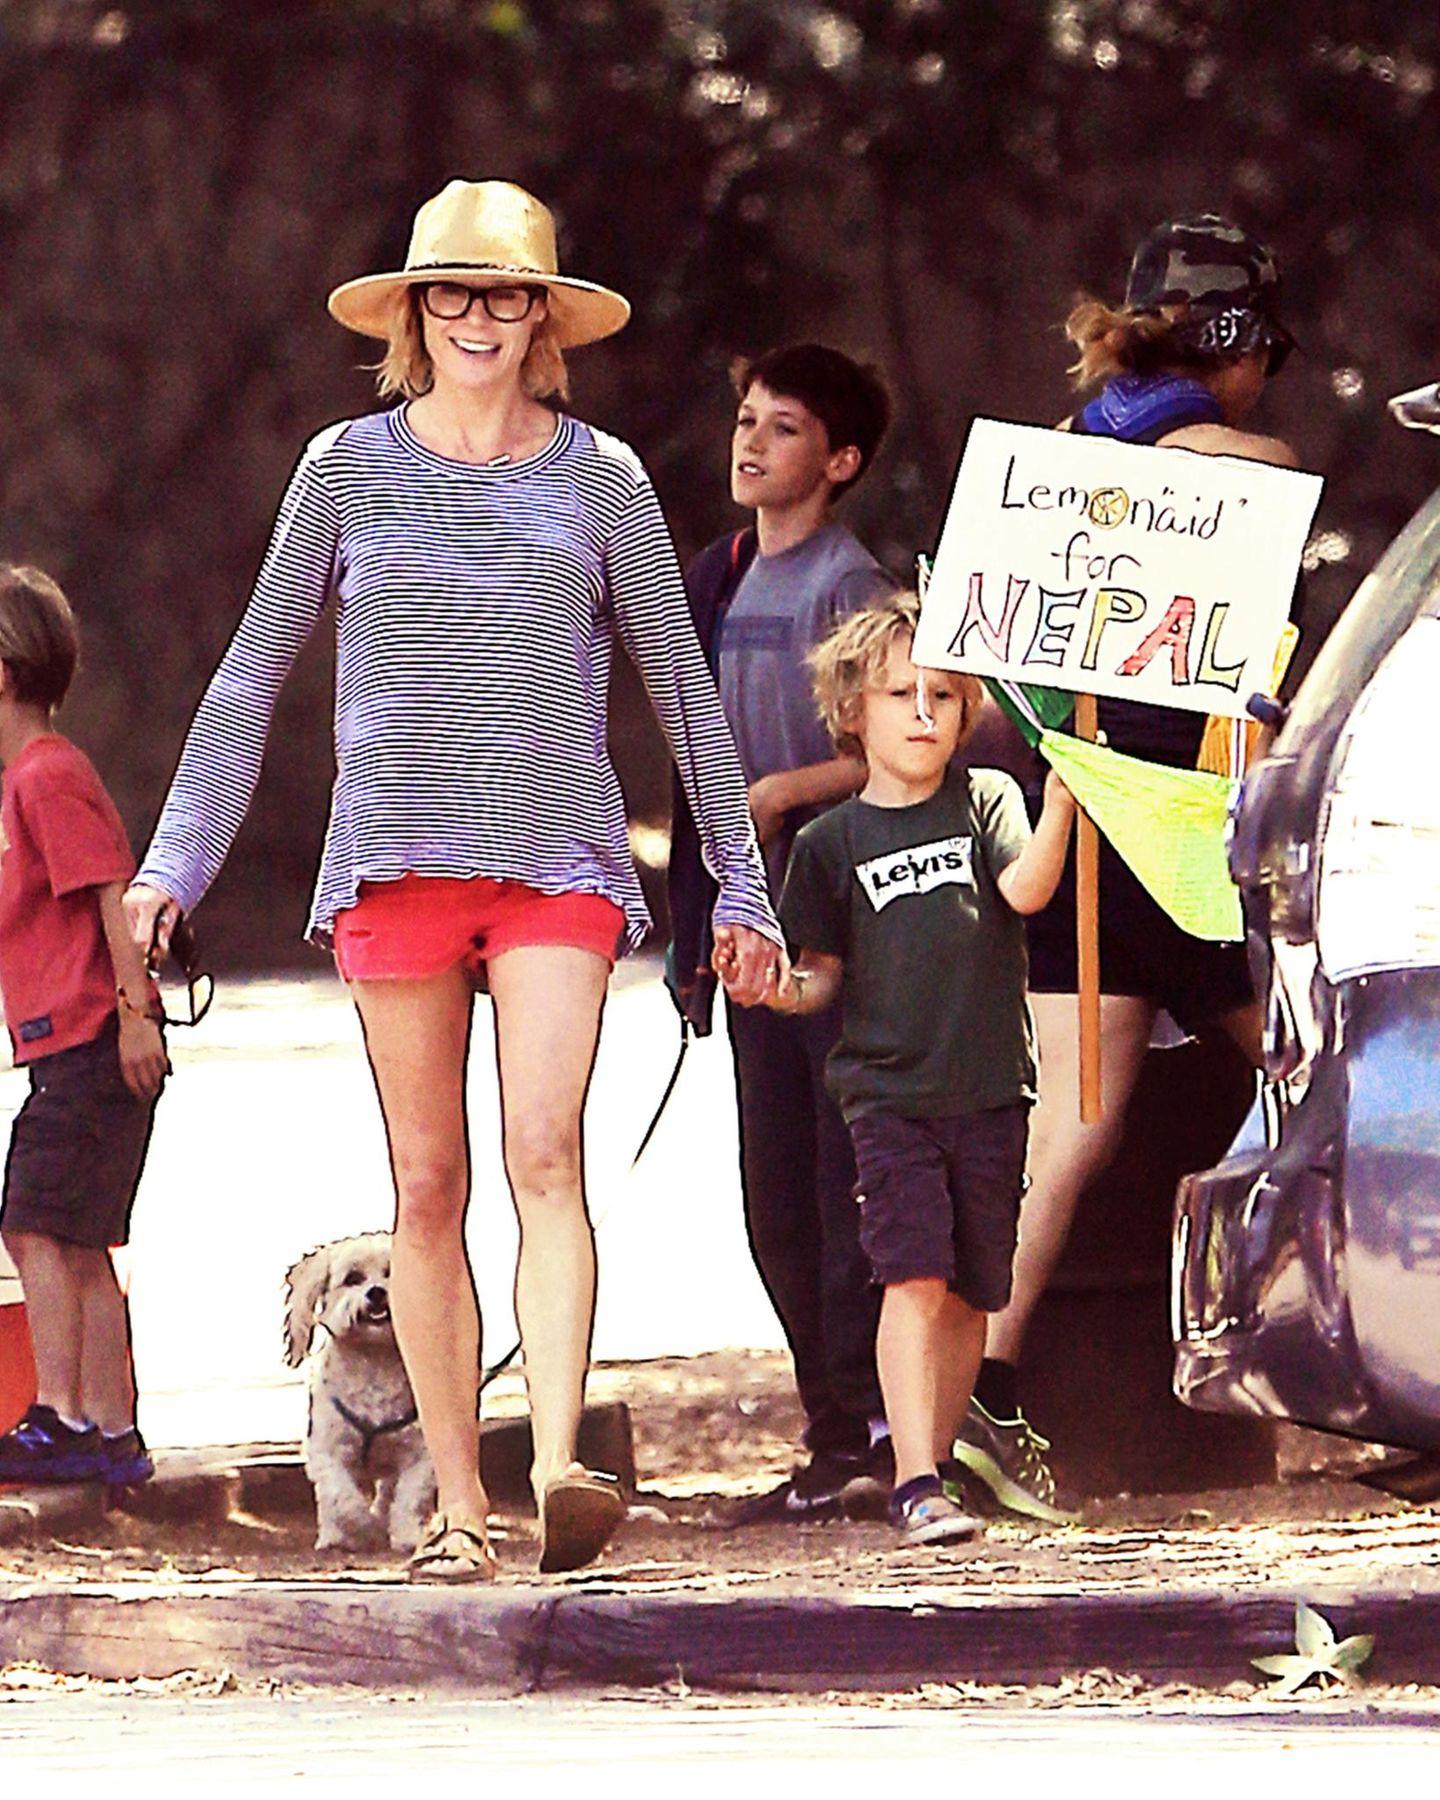 """Früh übt sich: Julie Bowen, der """"Modern Family""""-Star startet eine """"Lemon-Aid""""-Aktion in ihrer Nachbarschaft, um den Opfern in Nepal beizustehen und zeigt dadurch auch ihren Kindern, dass man auch im Kleinen helfen kann."""